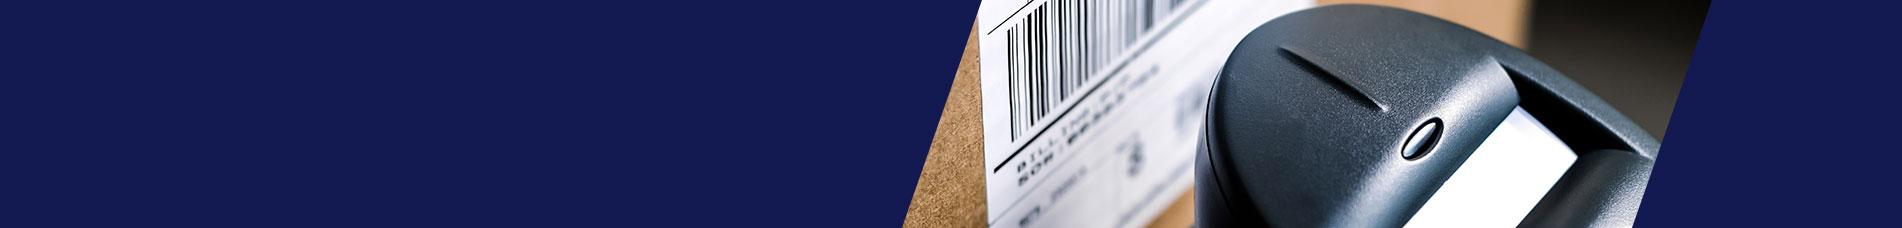 Acro Labels, Inc.